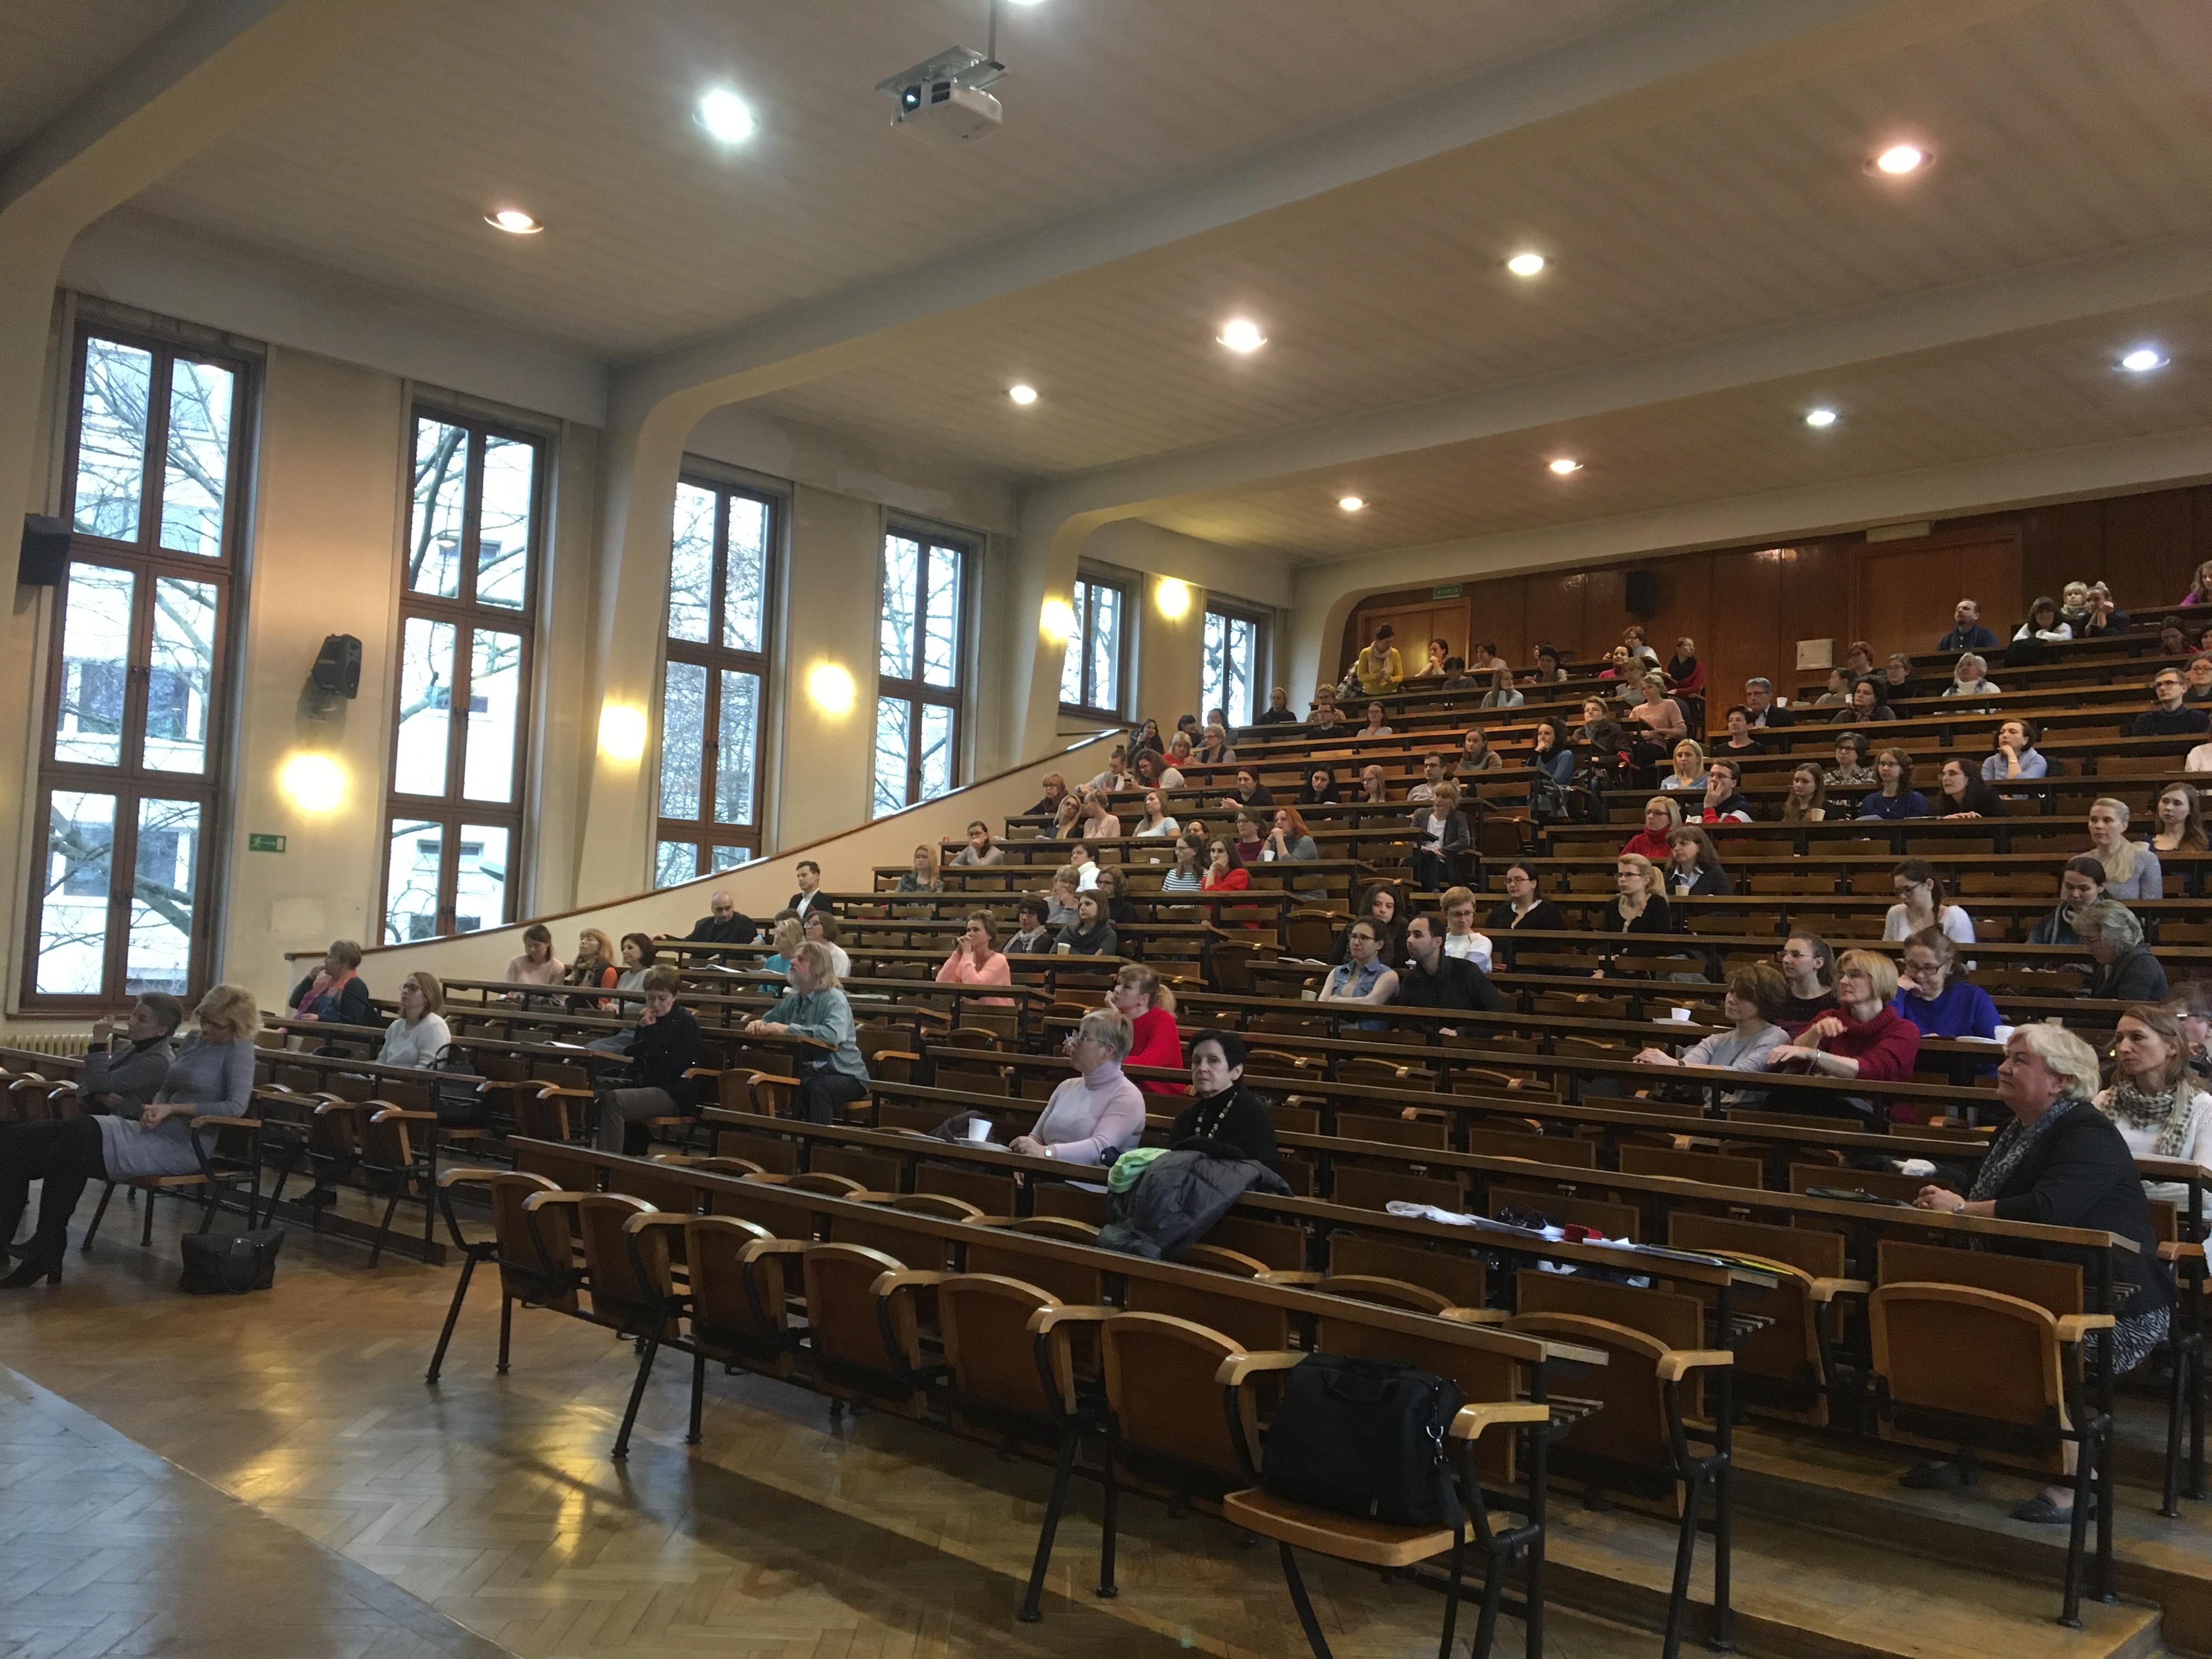 W Krakowie odbyło się spotkanie szkoleniowe organizowane przez krakowski oddział Polskiego Towarzystwa Diagnostyki Laboratoryjnej i Polskie Towarzystwo Mikrobiologów.